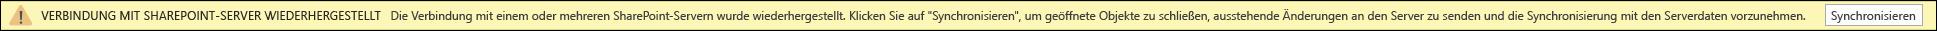 Klicken Sie auf synchronisieren, um die Verbindung mit dem SharePoint-Server wiederherstellen.